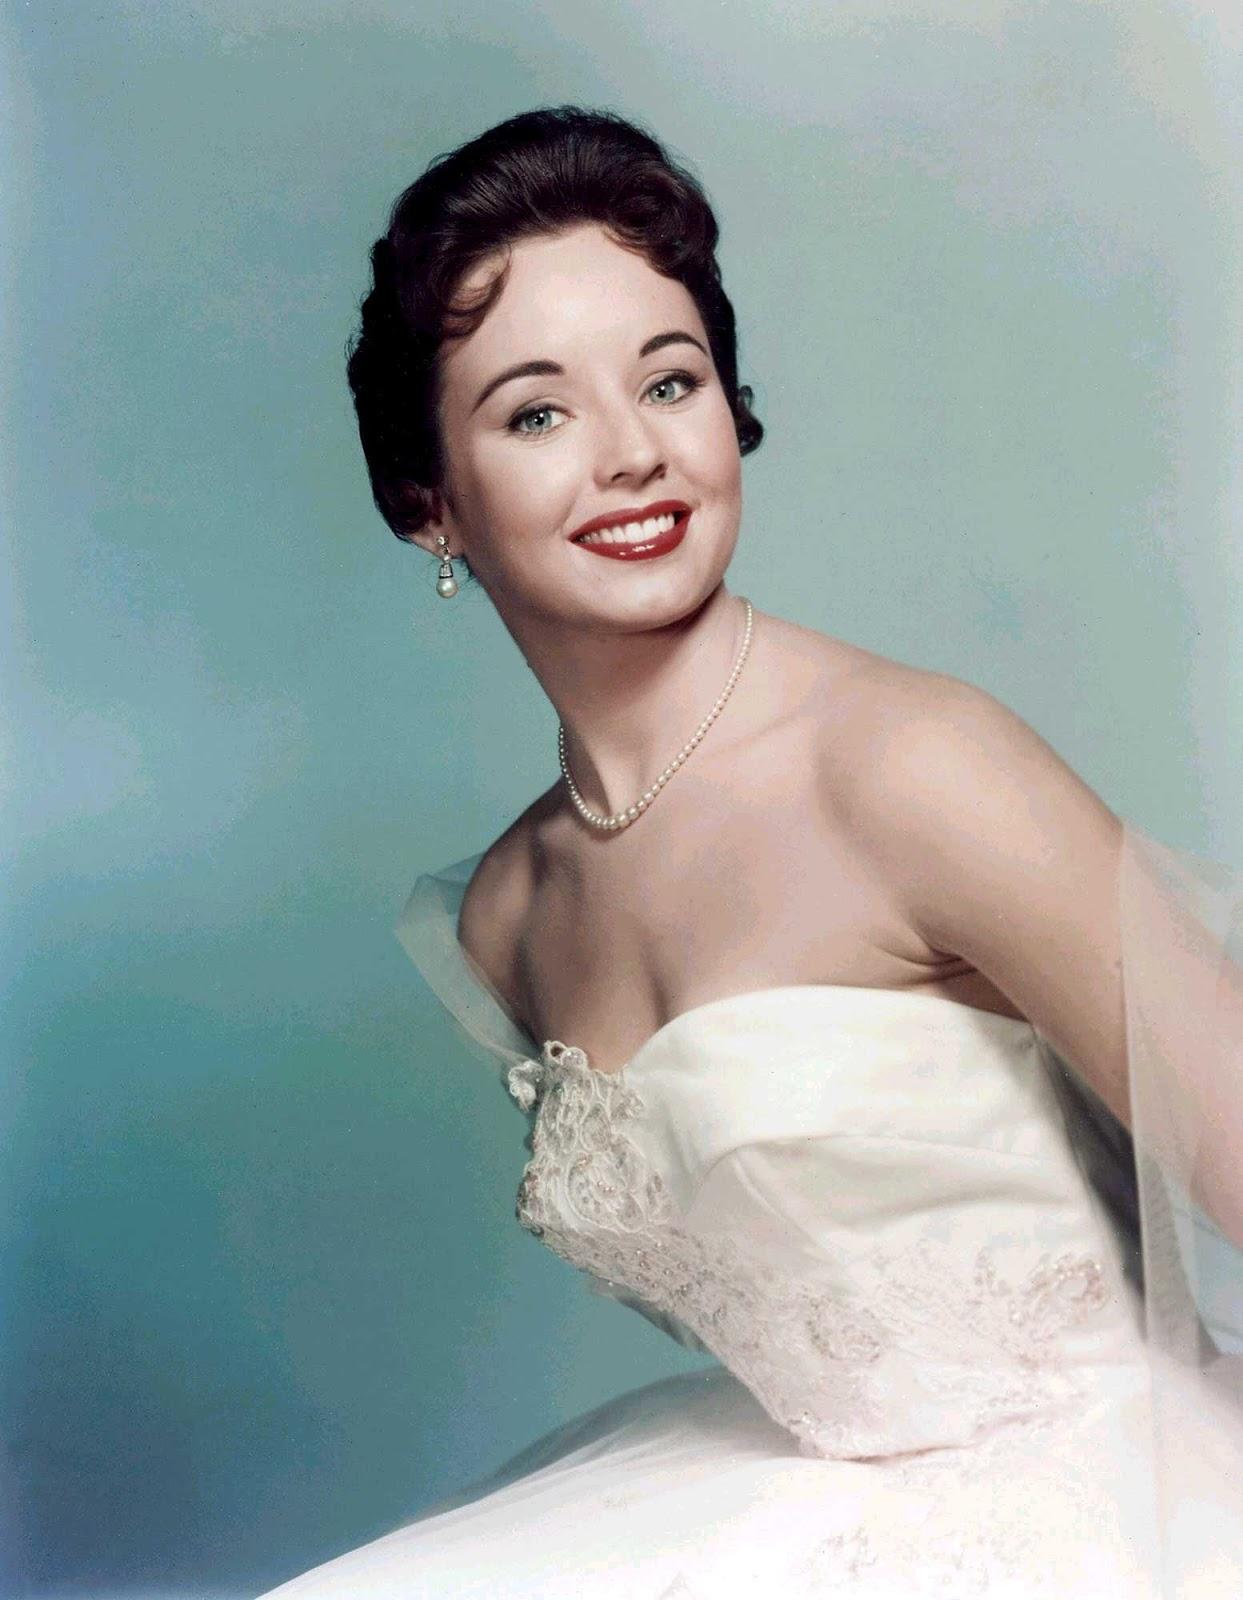 Кэрол Моррис - как сложилась судьба Мисс Вселенная 1956 года